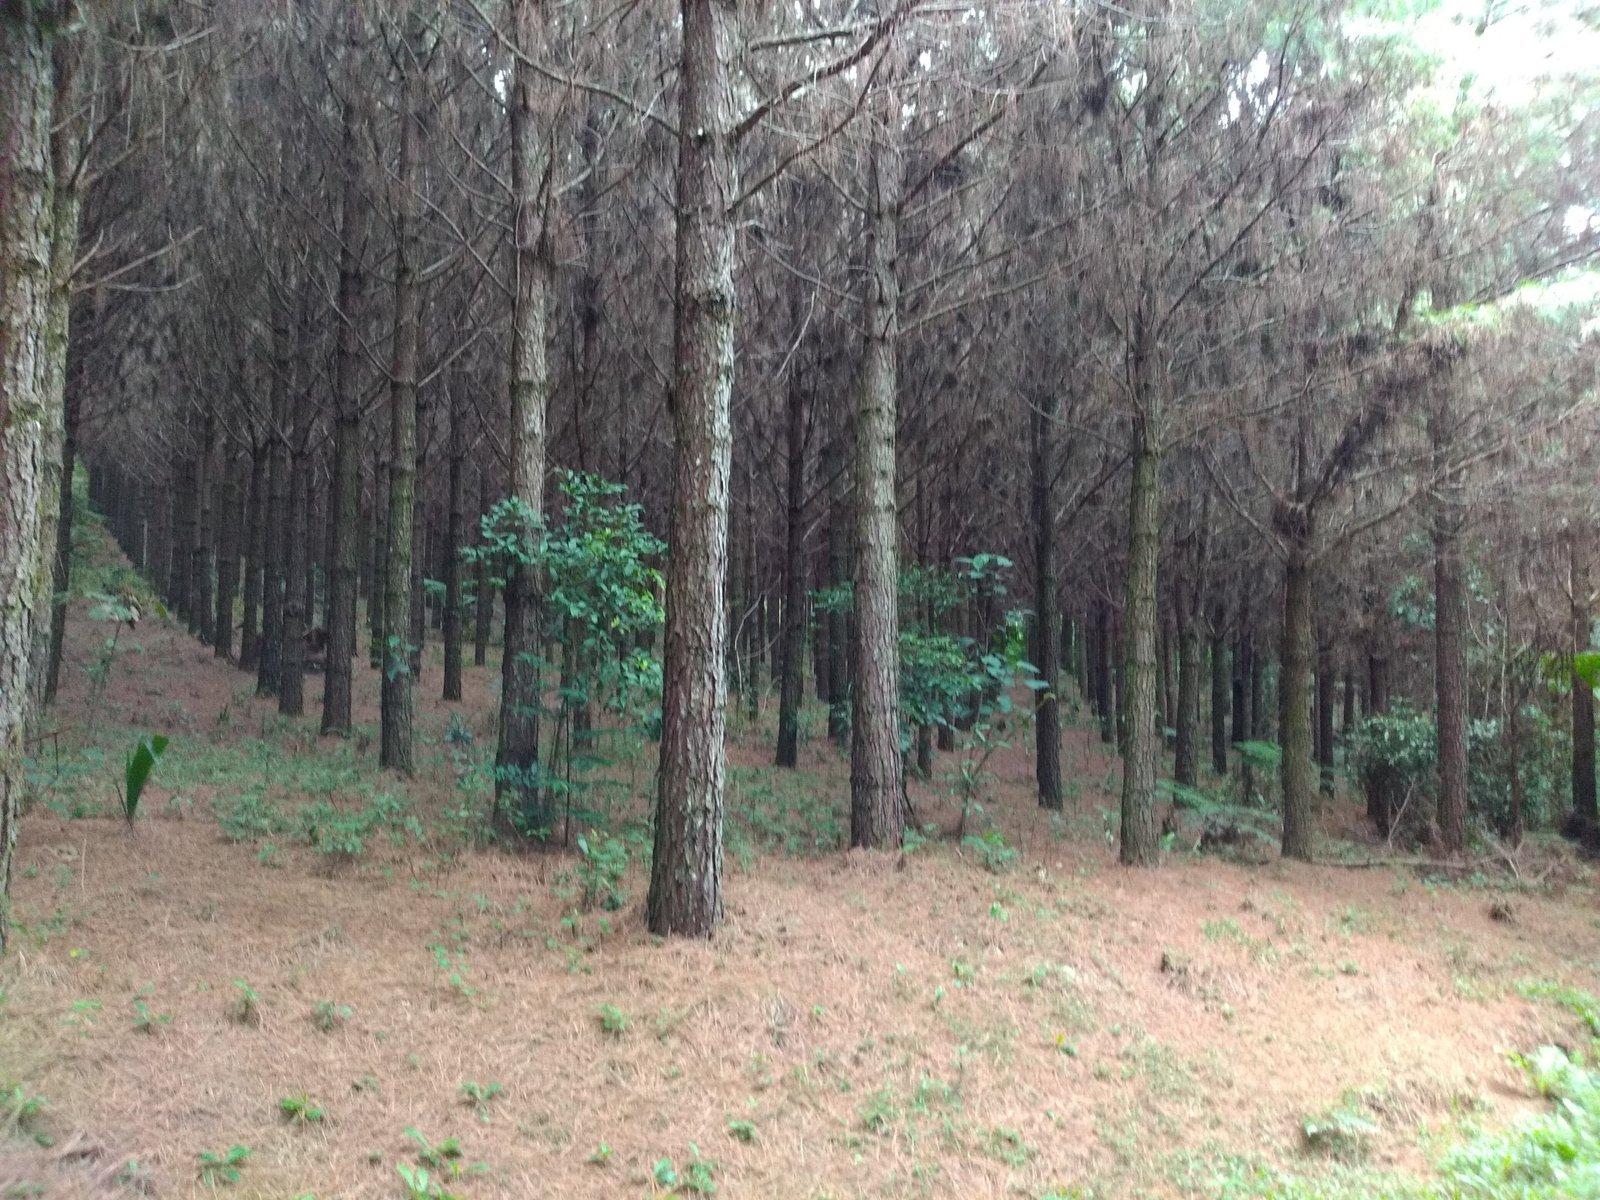 Imagem doFazenda - Sertãozinho com reflorestamento de Pinus- São Bento do Sul